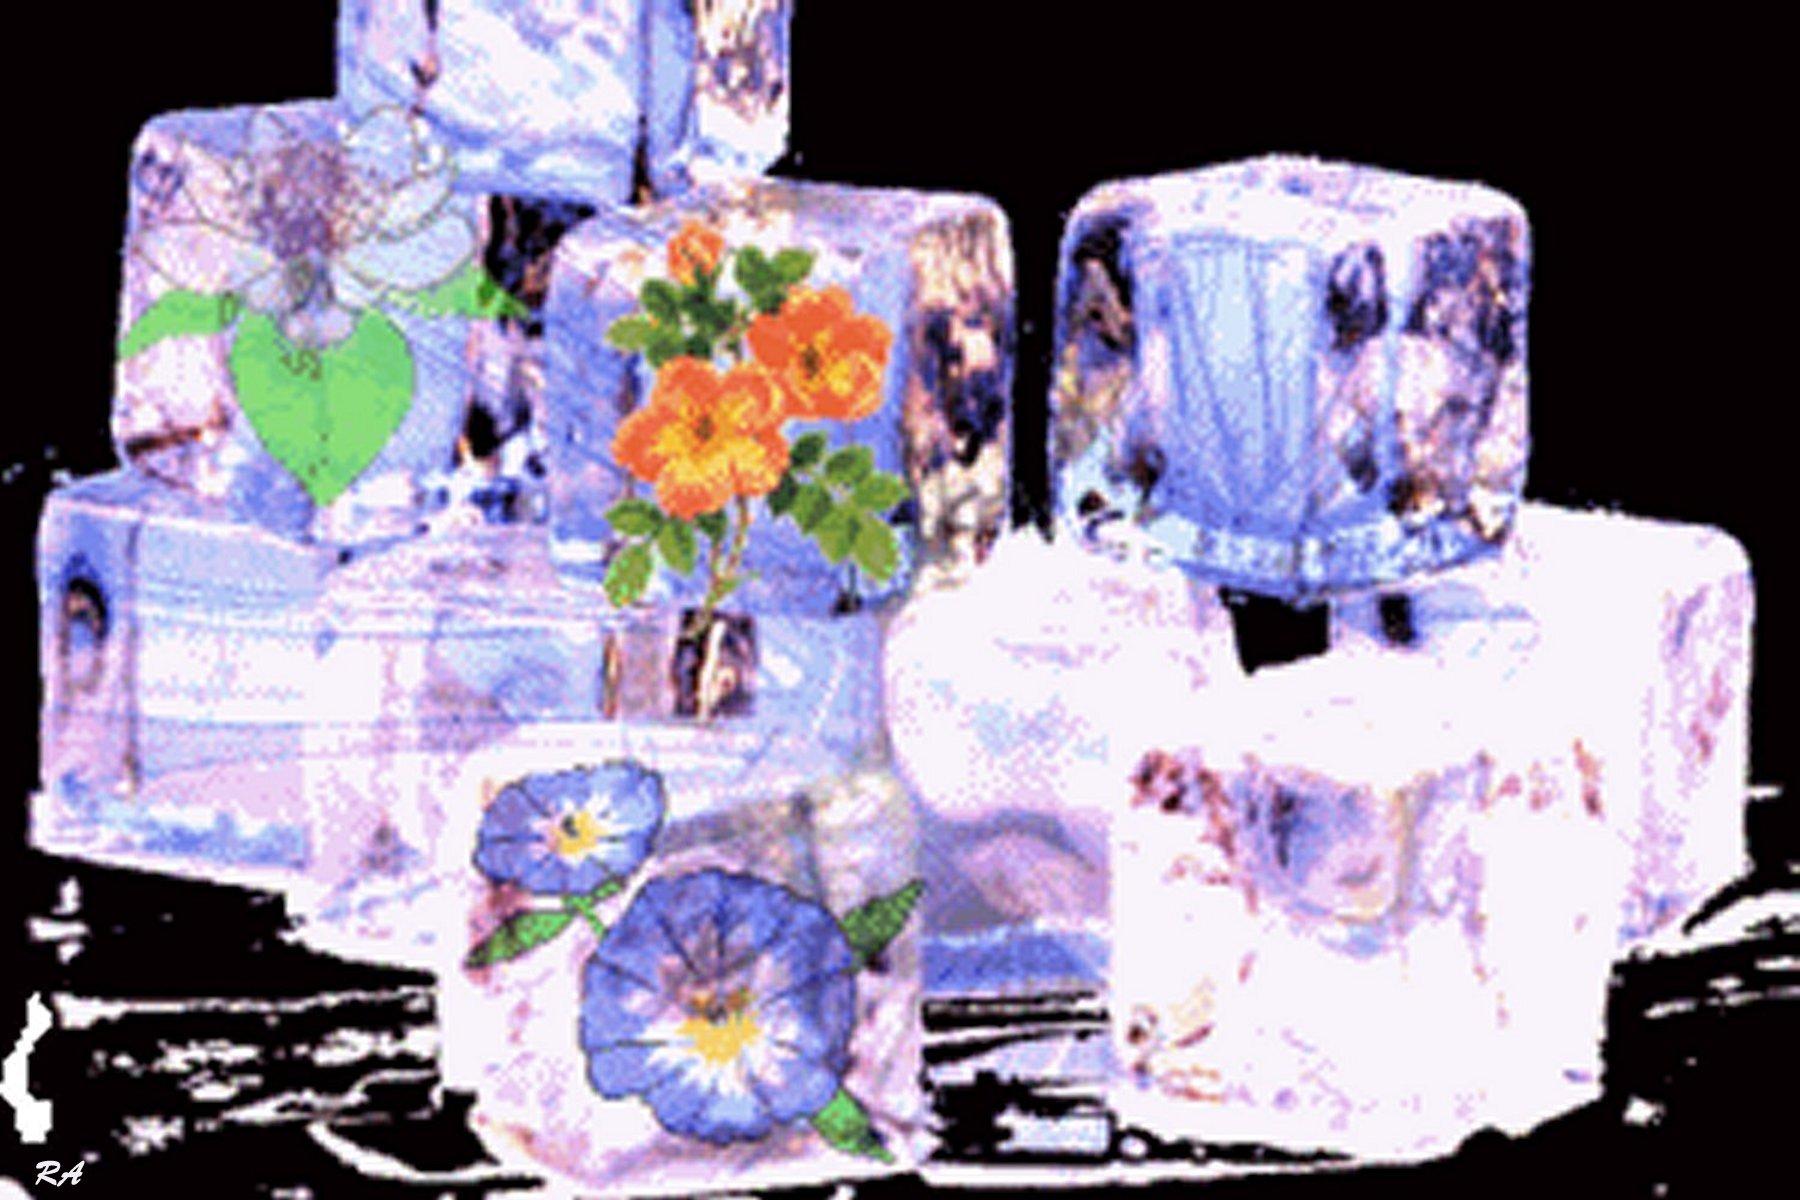 Bild: Eisblumen, Kalter sommer, Eis, Eiswürfel von ...